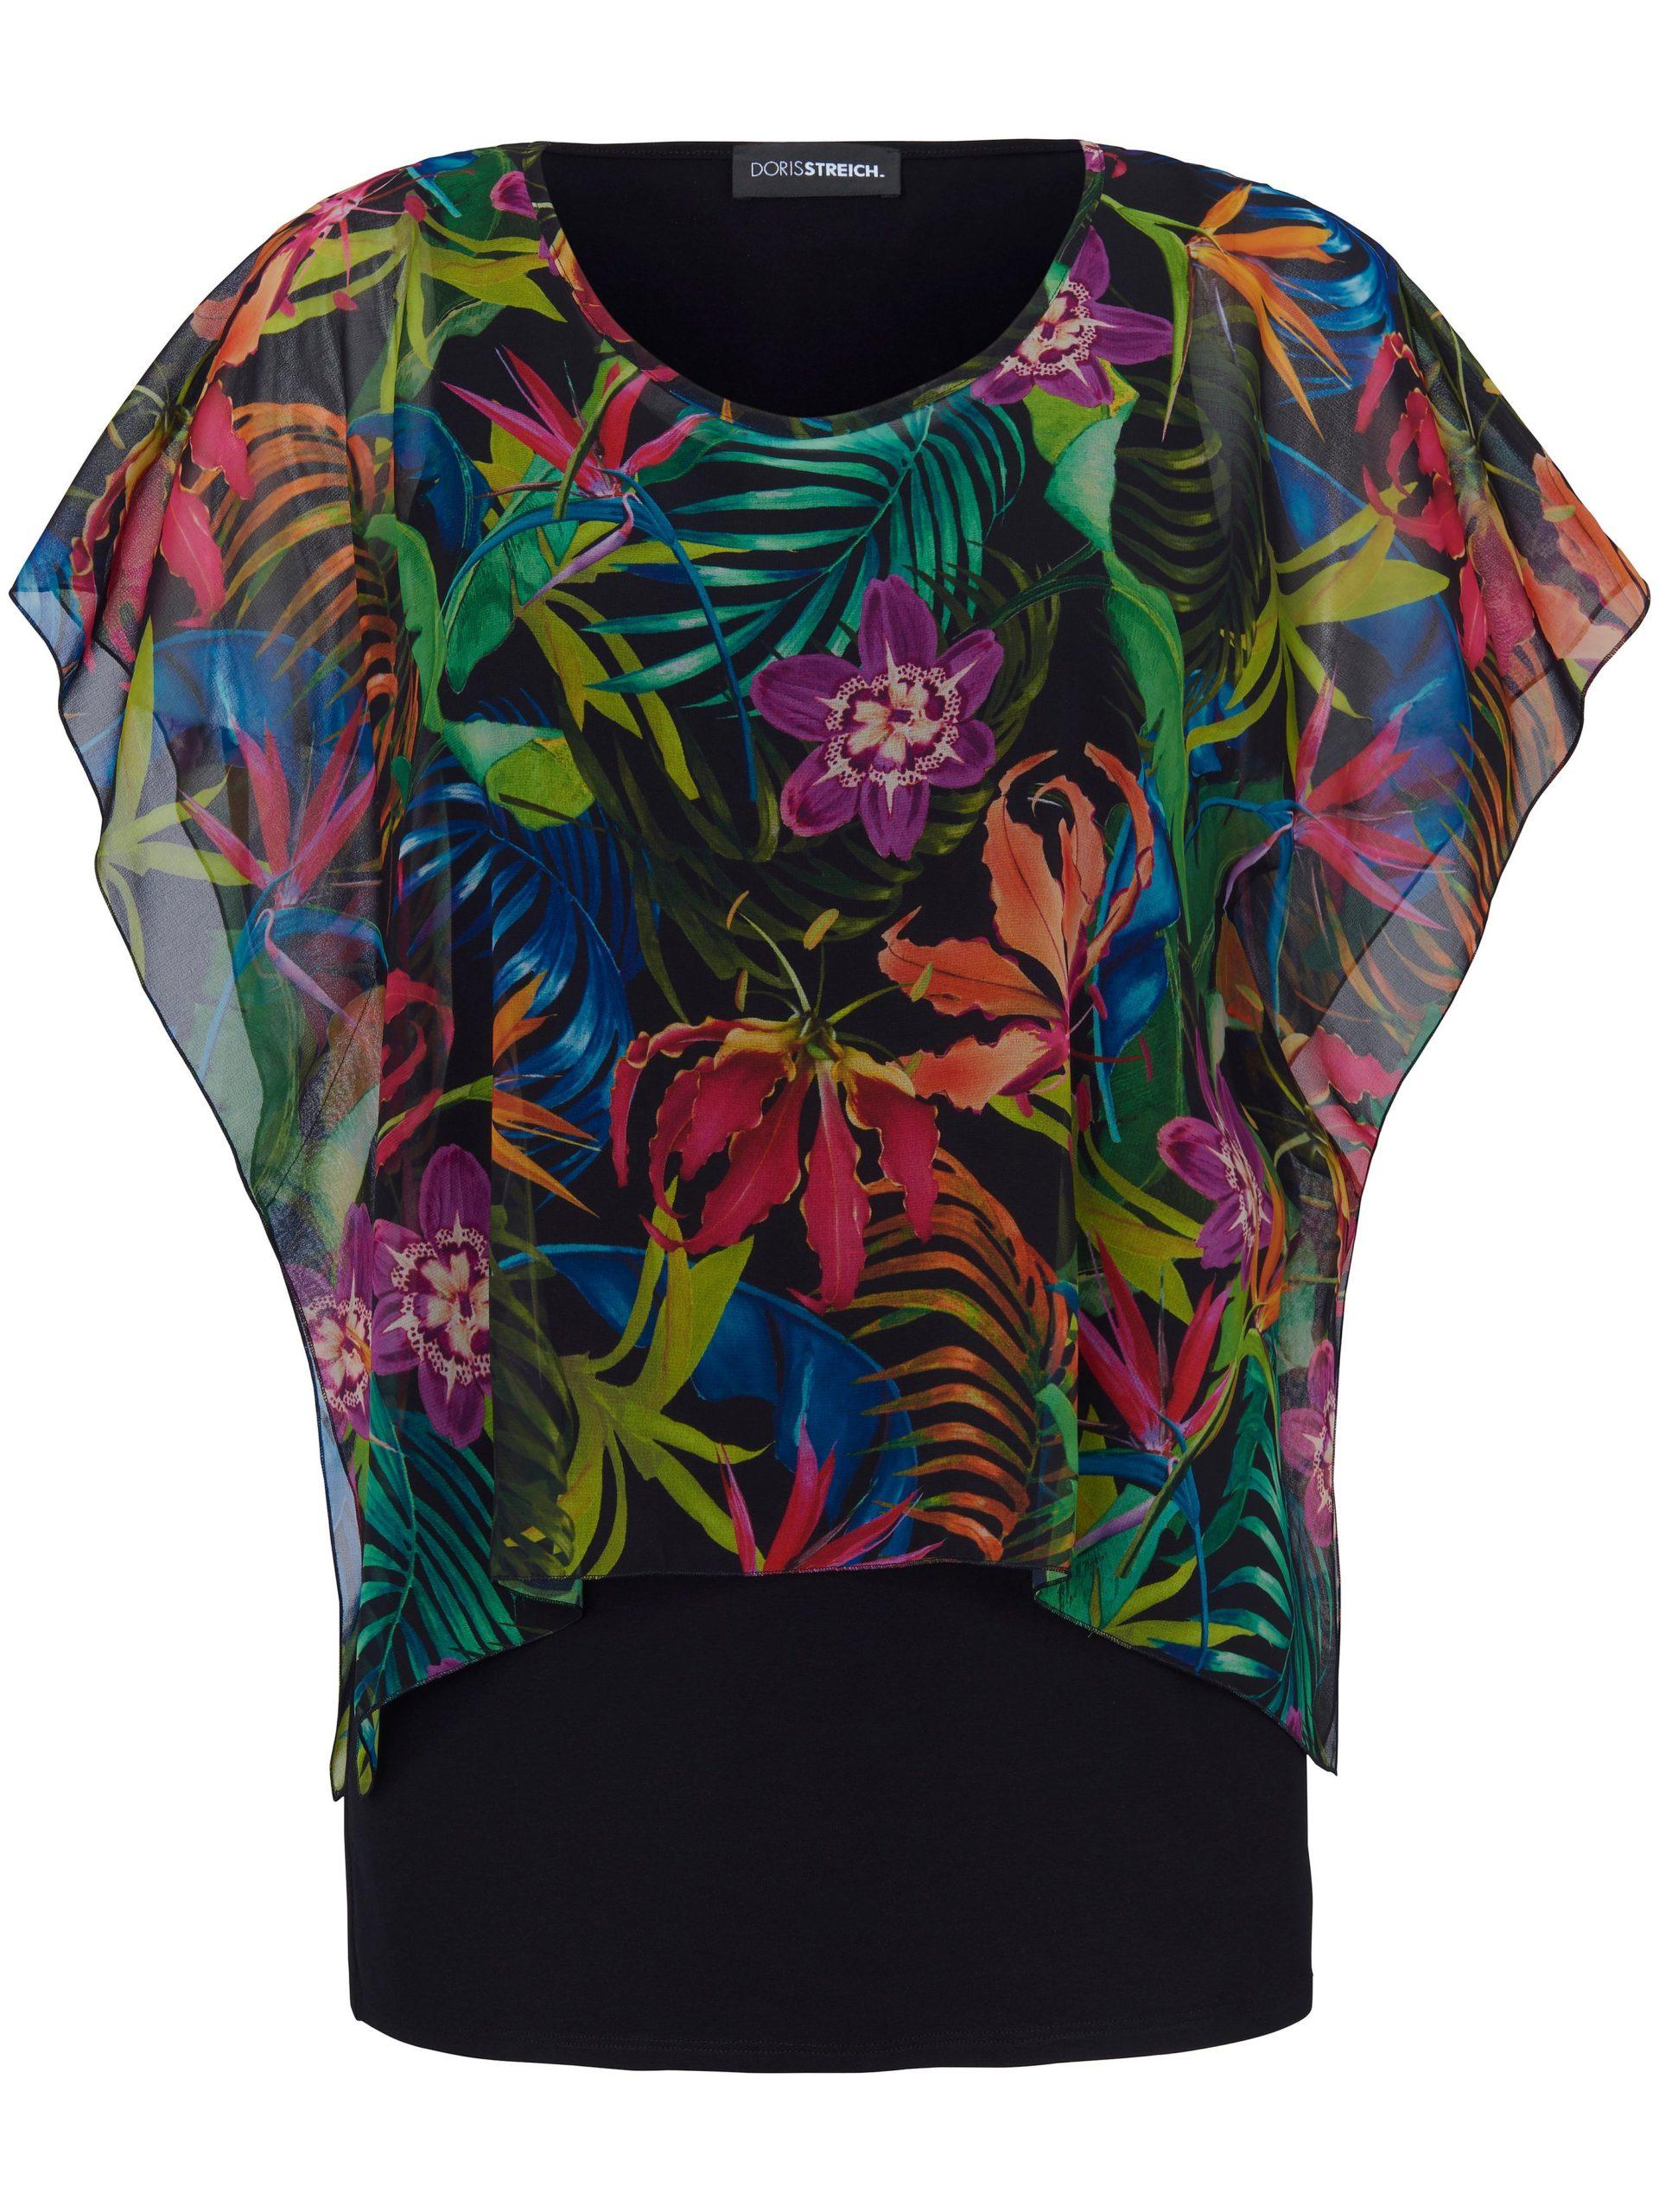 2-in-1-blouse met korte mouwen Van Doris Streich multicolour Kopen